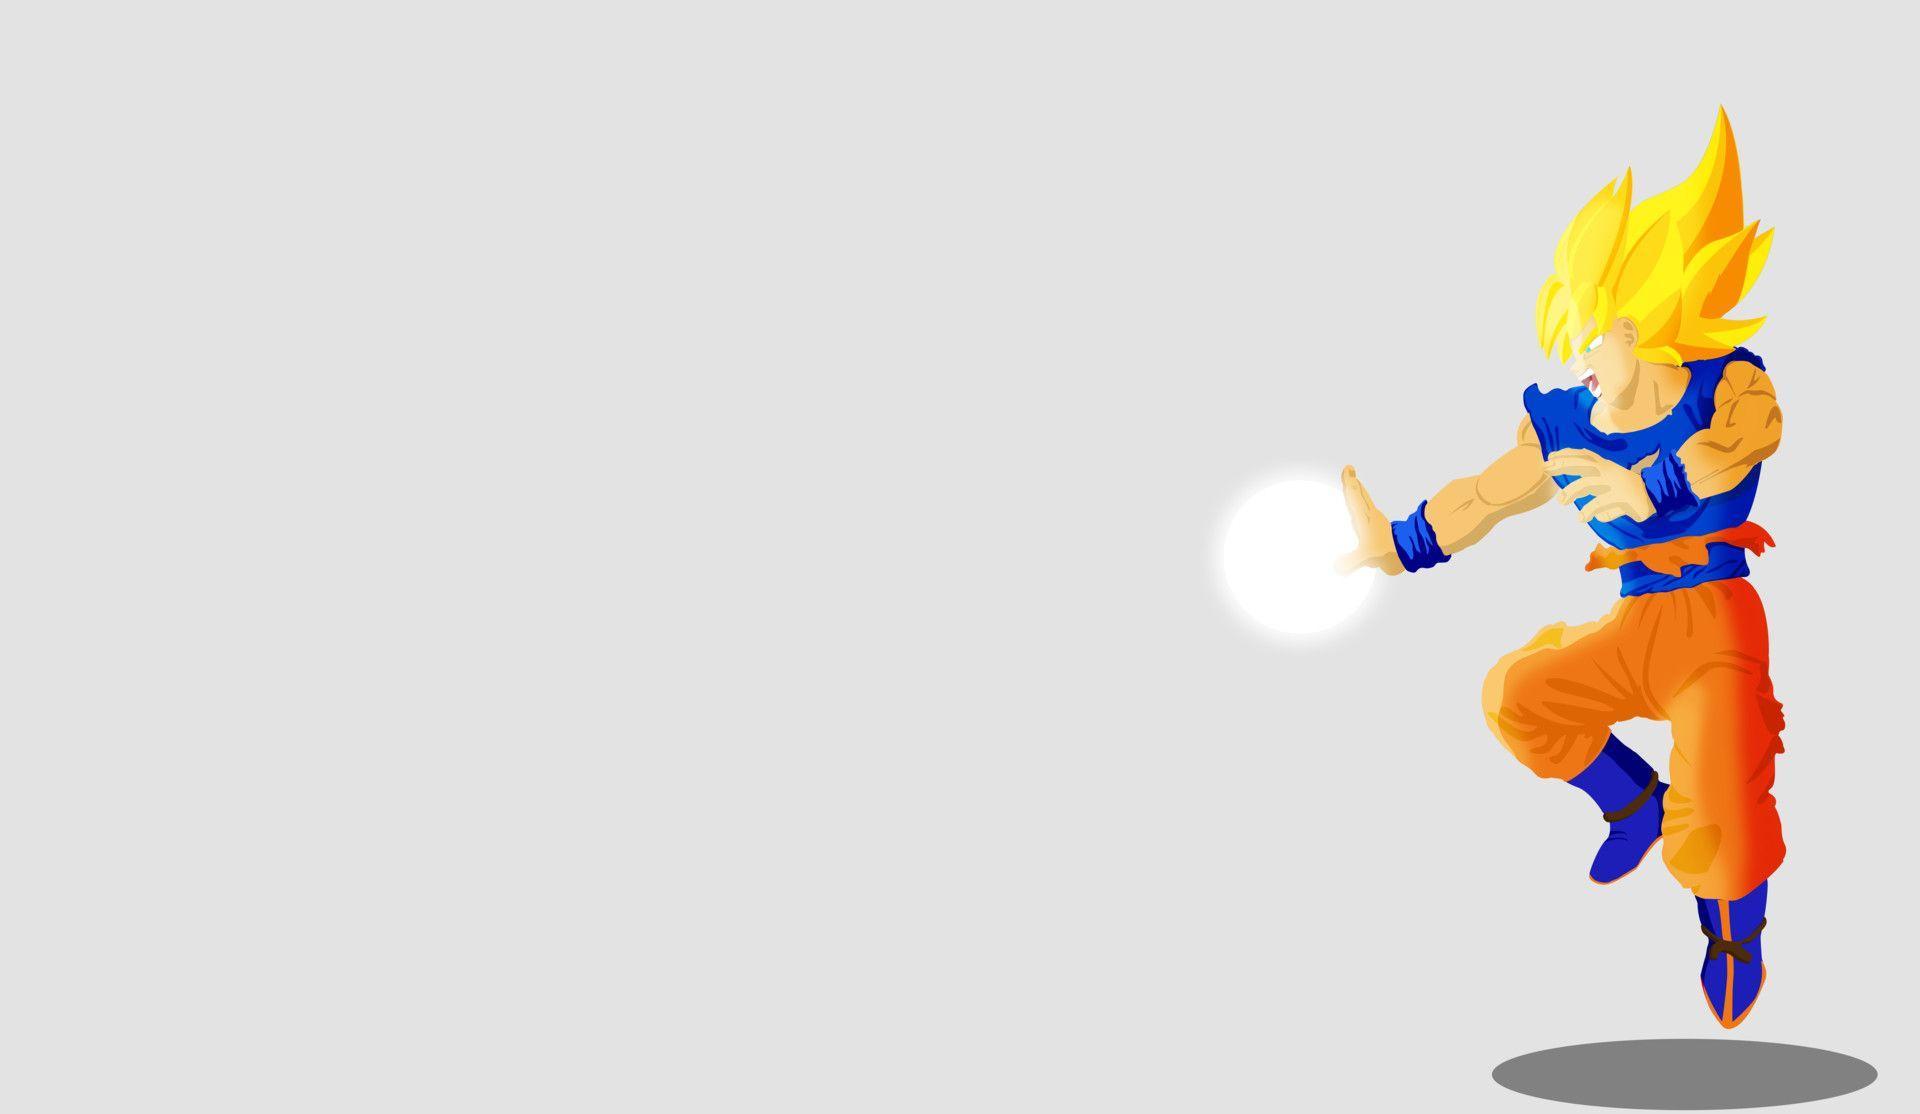 Minimalist Dragon Ball Z Wallpapers Top Free Minimalist Dragon